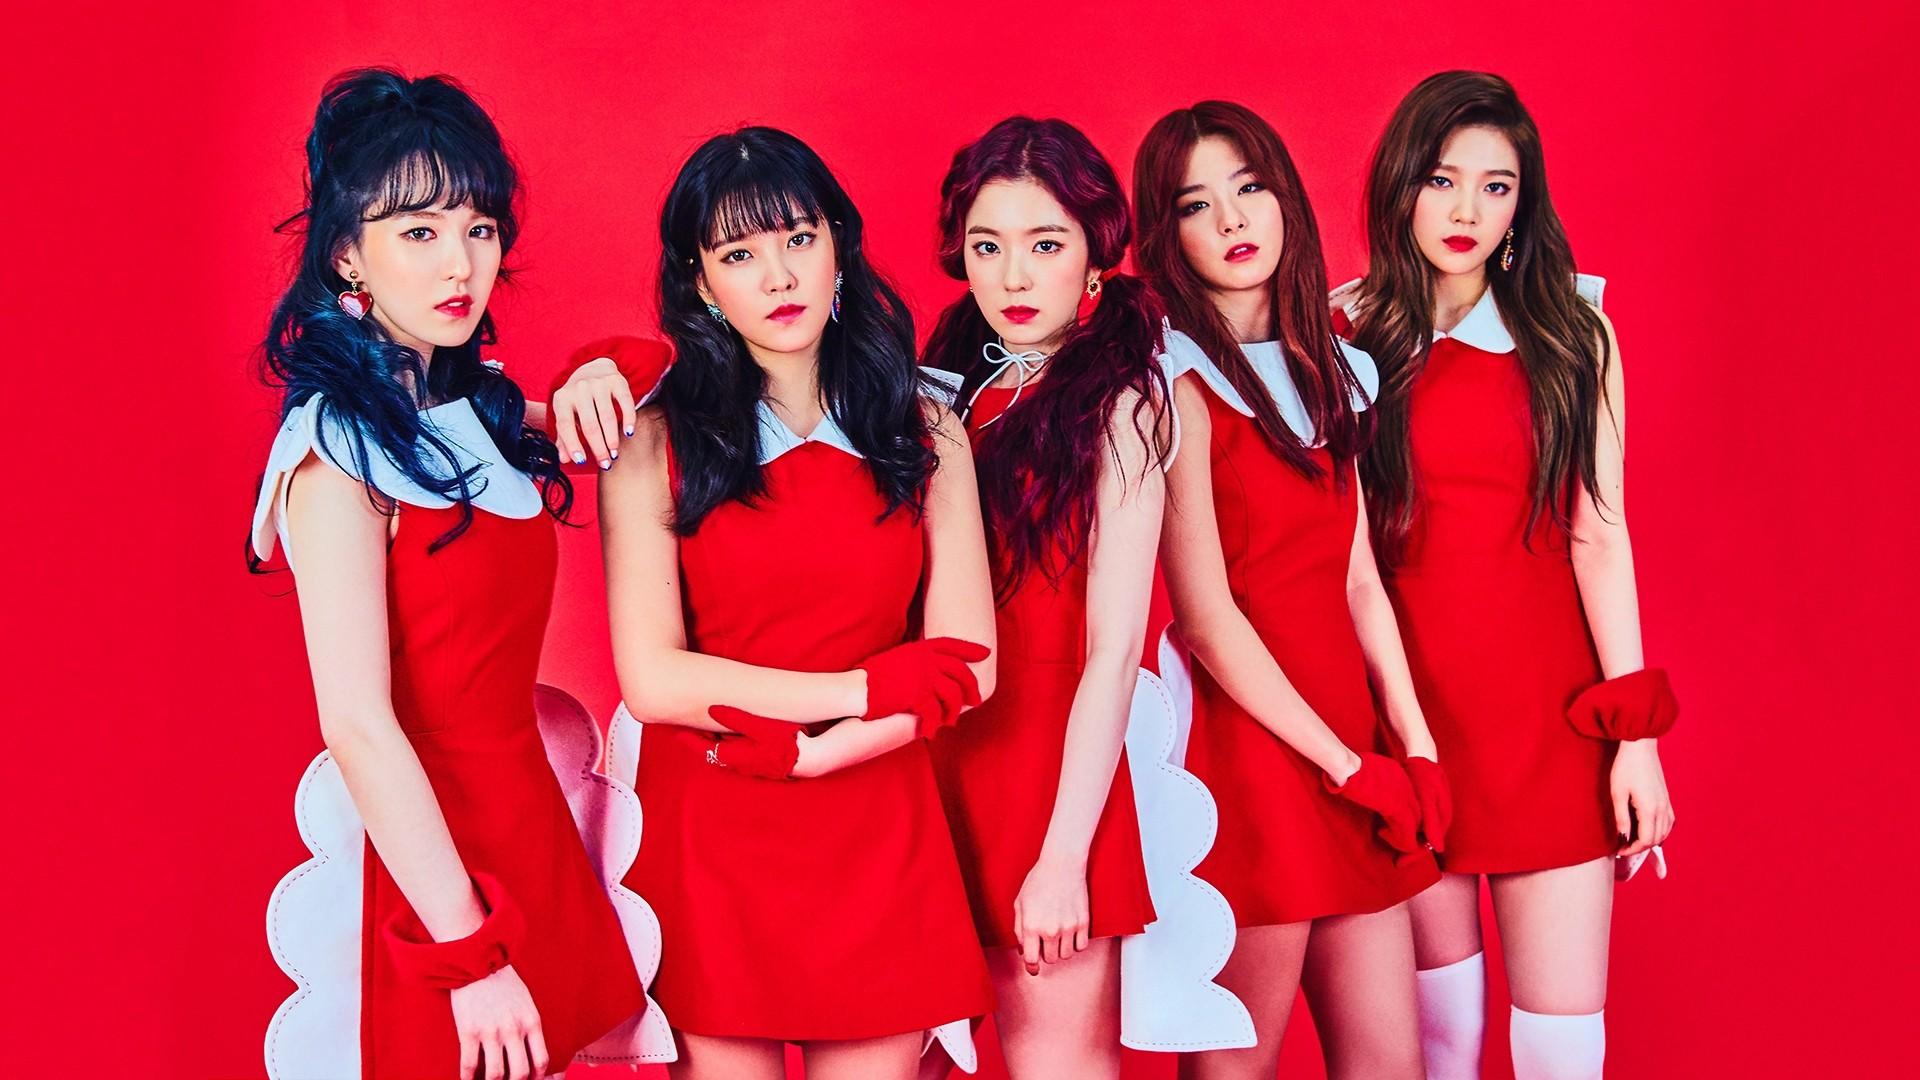 Red Velvet hd desktop wallpaper